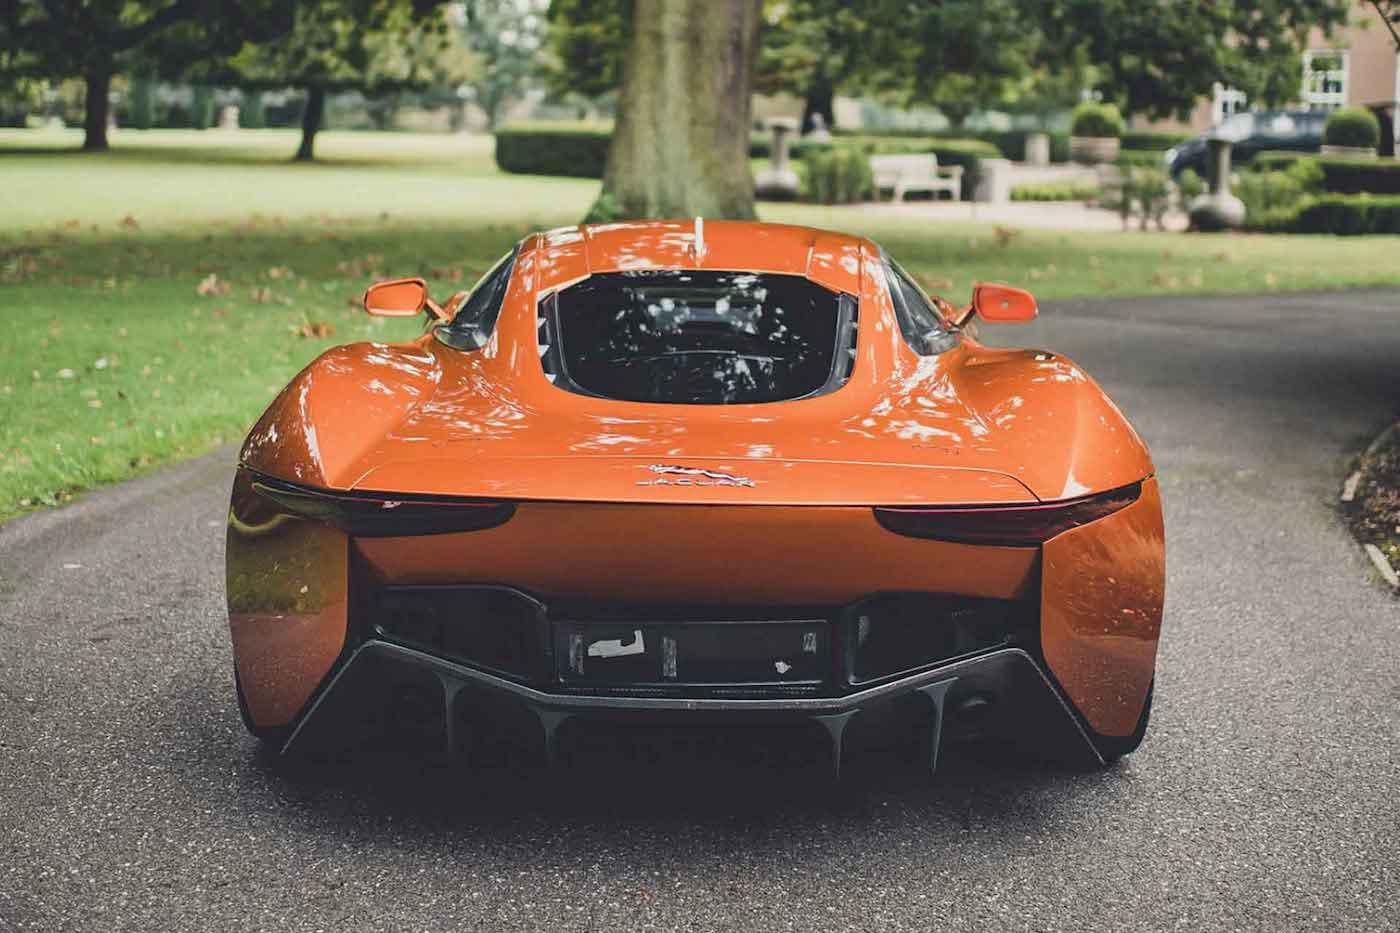 El Jaguar C-X75 de la película de James Bond 'Spectre' será subastado